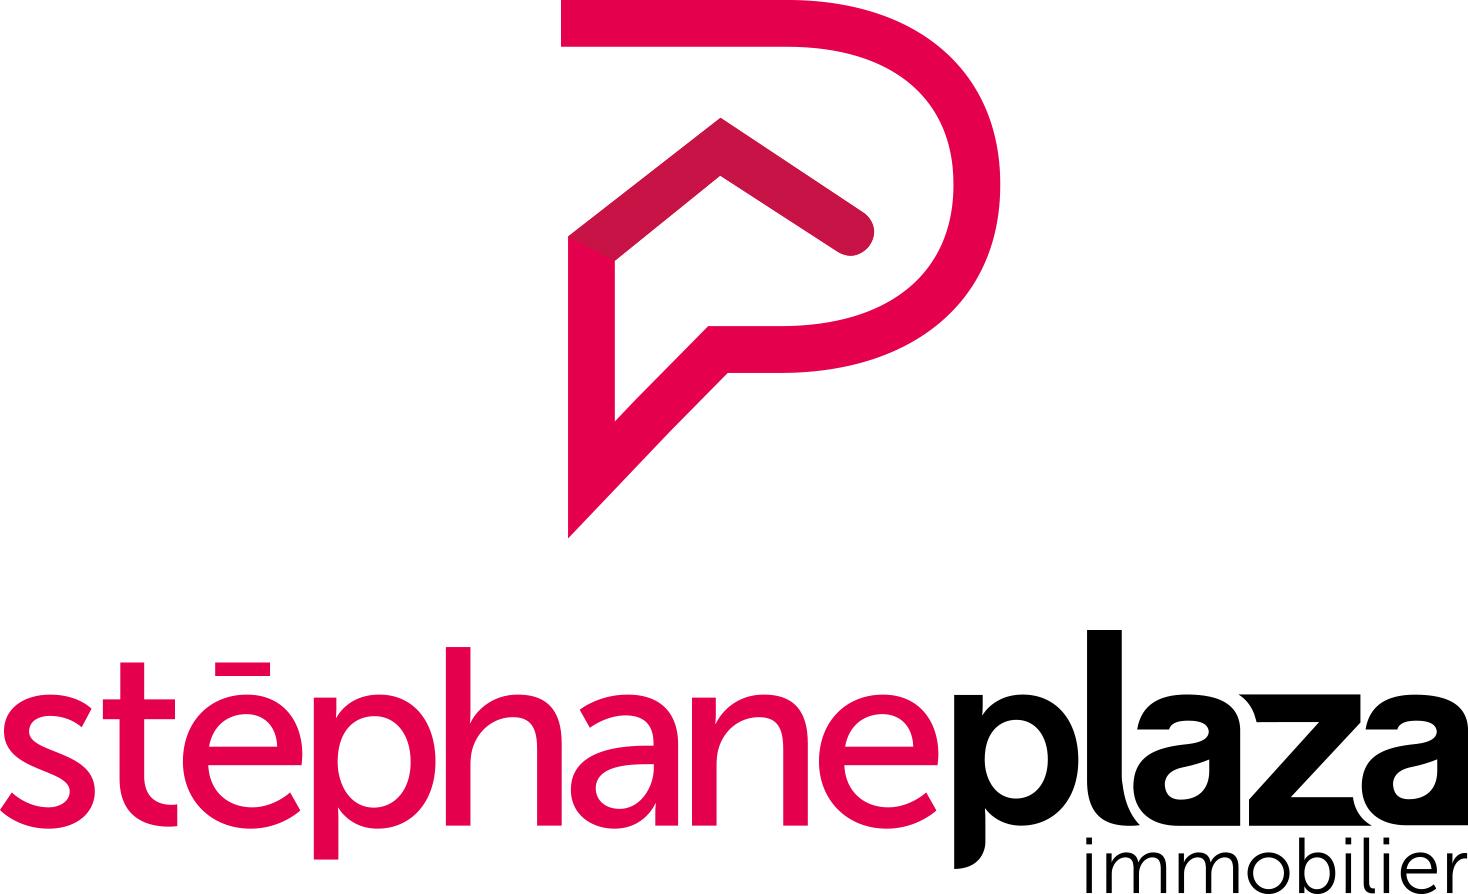 Stephane Plaza Immobilier Latour Bas Elne agence immobilière Latour-Bas-Elne (66200)